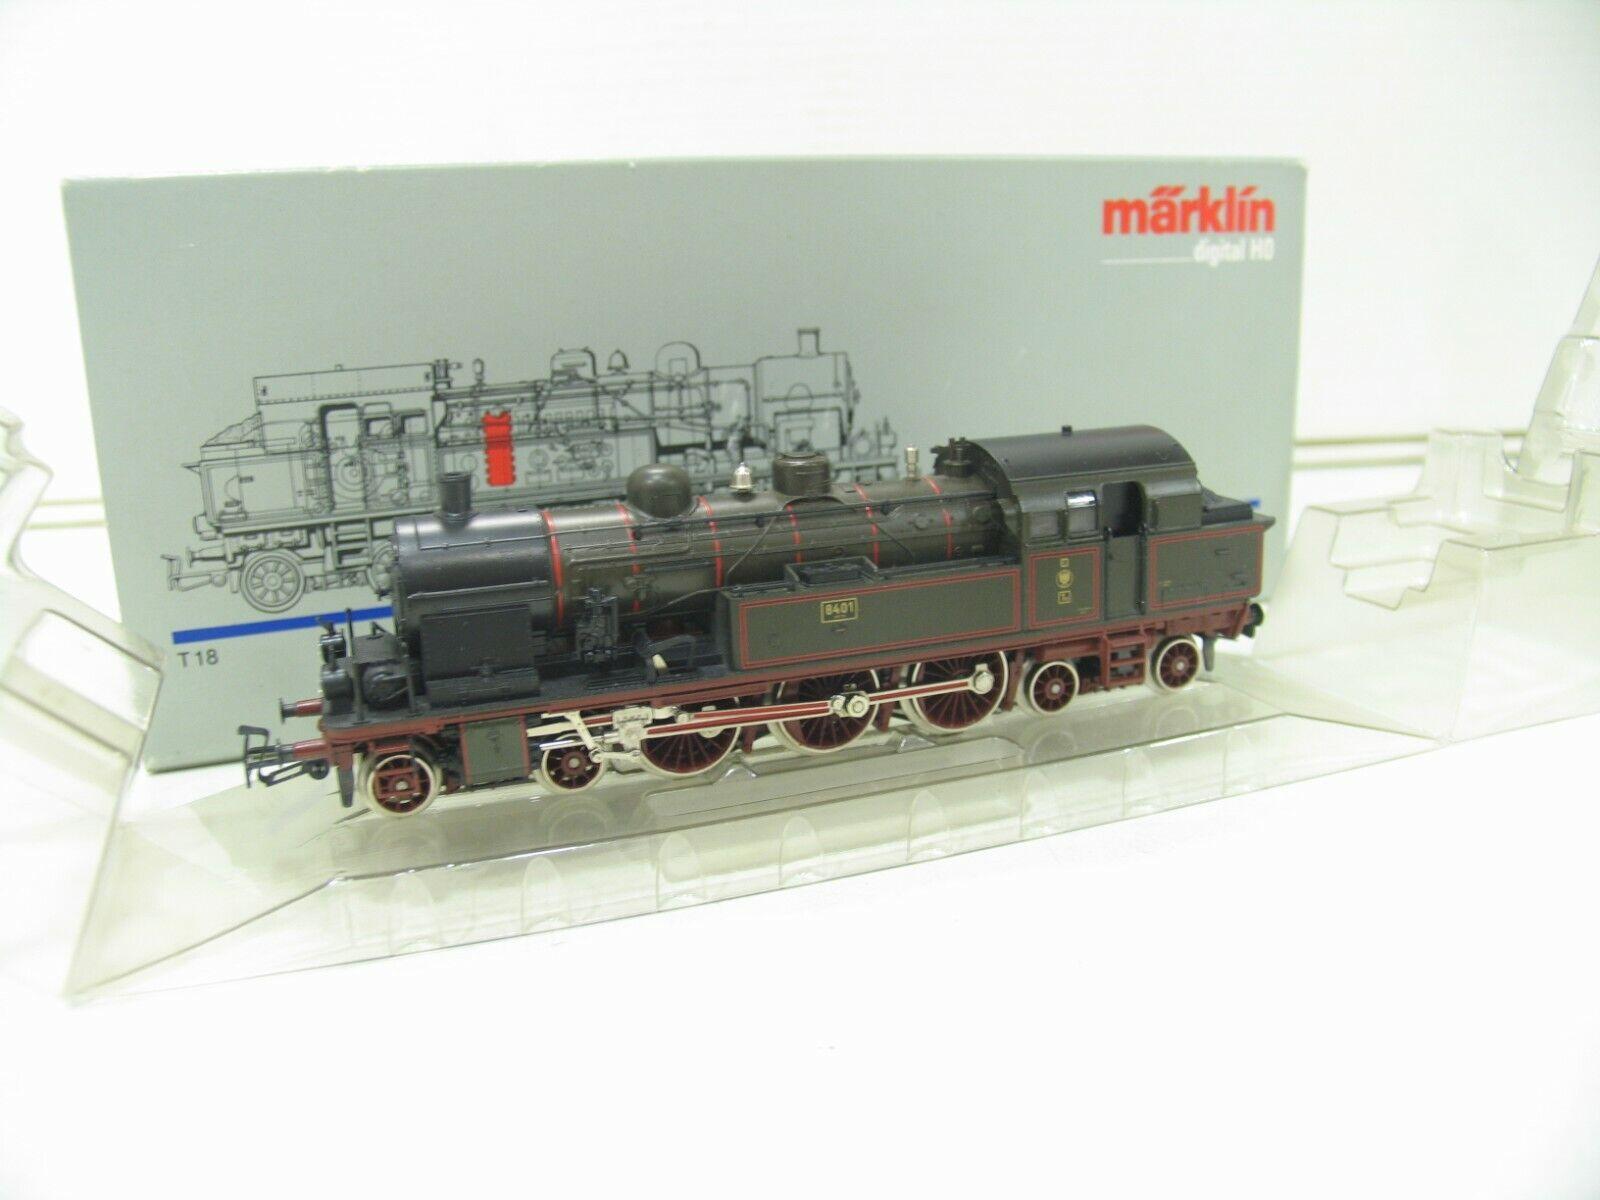 MÄRKLIN 3609 DAMPFLOK T18 der KPEV DIGITAL  NH3340